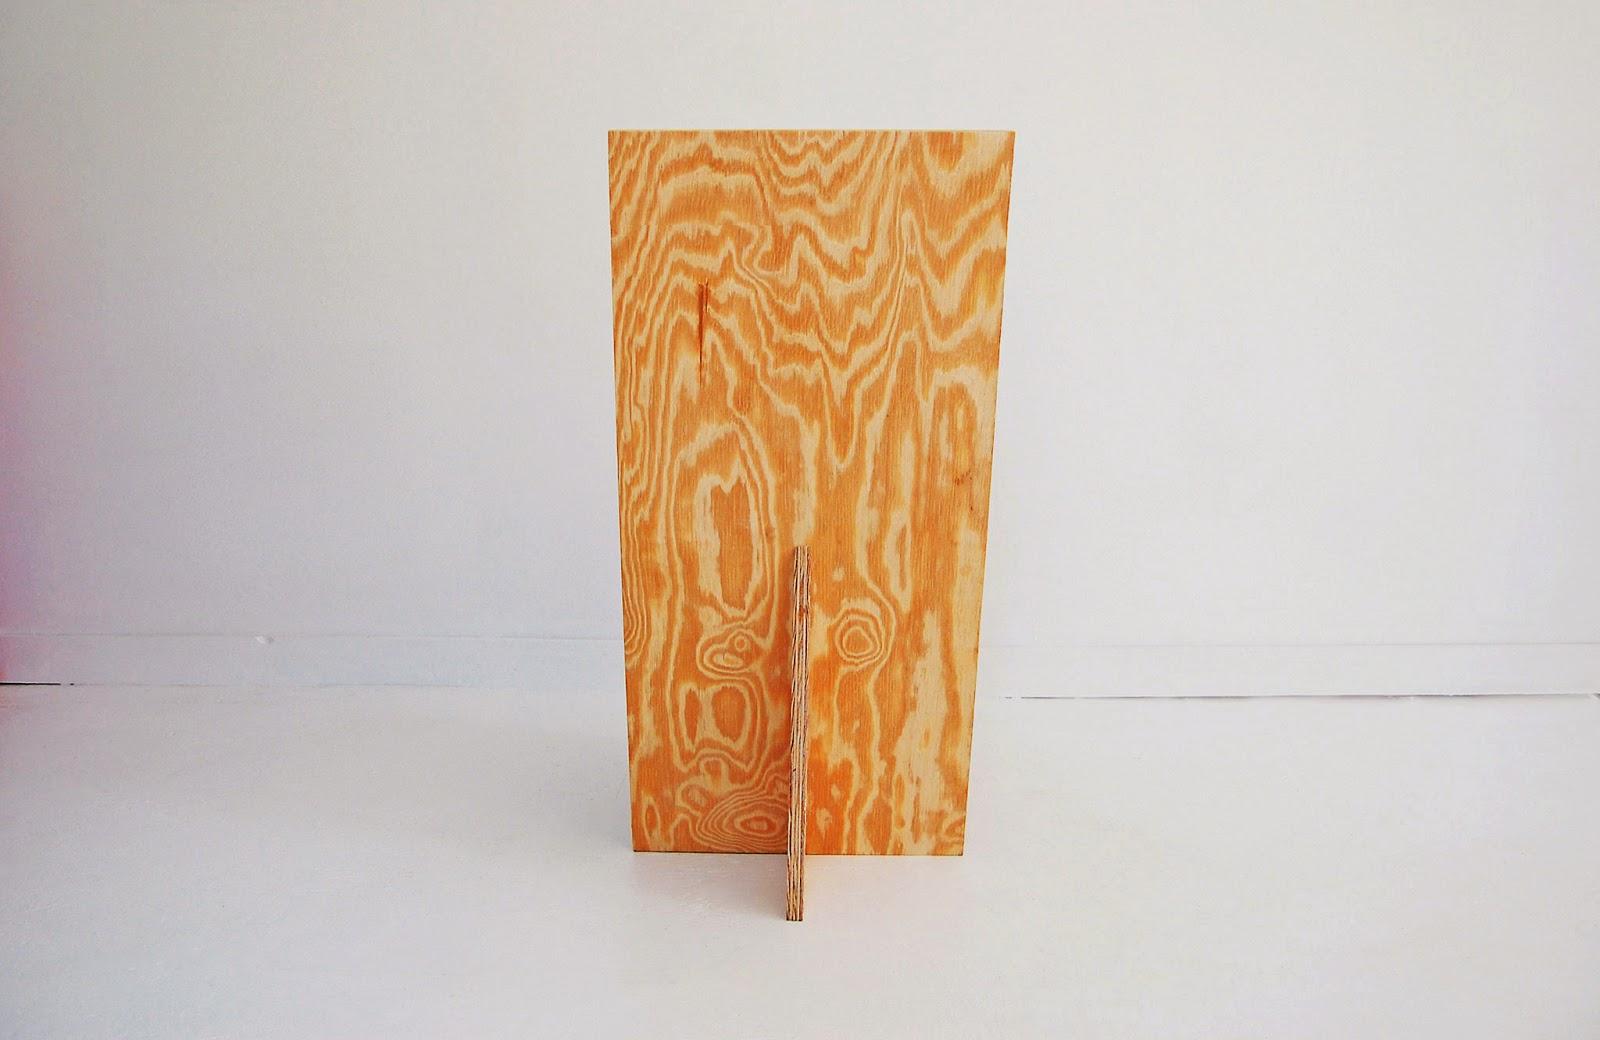 note que o encosto é feito de uma única peça de madeira #B24B19 1600x1040